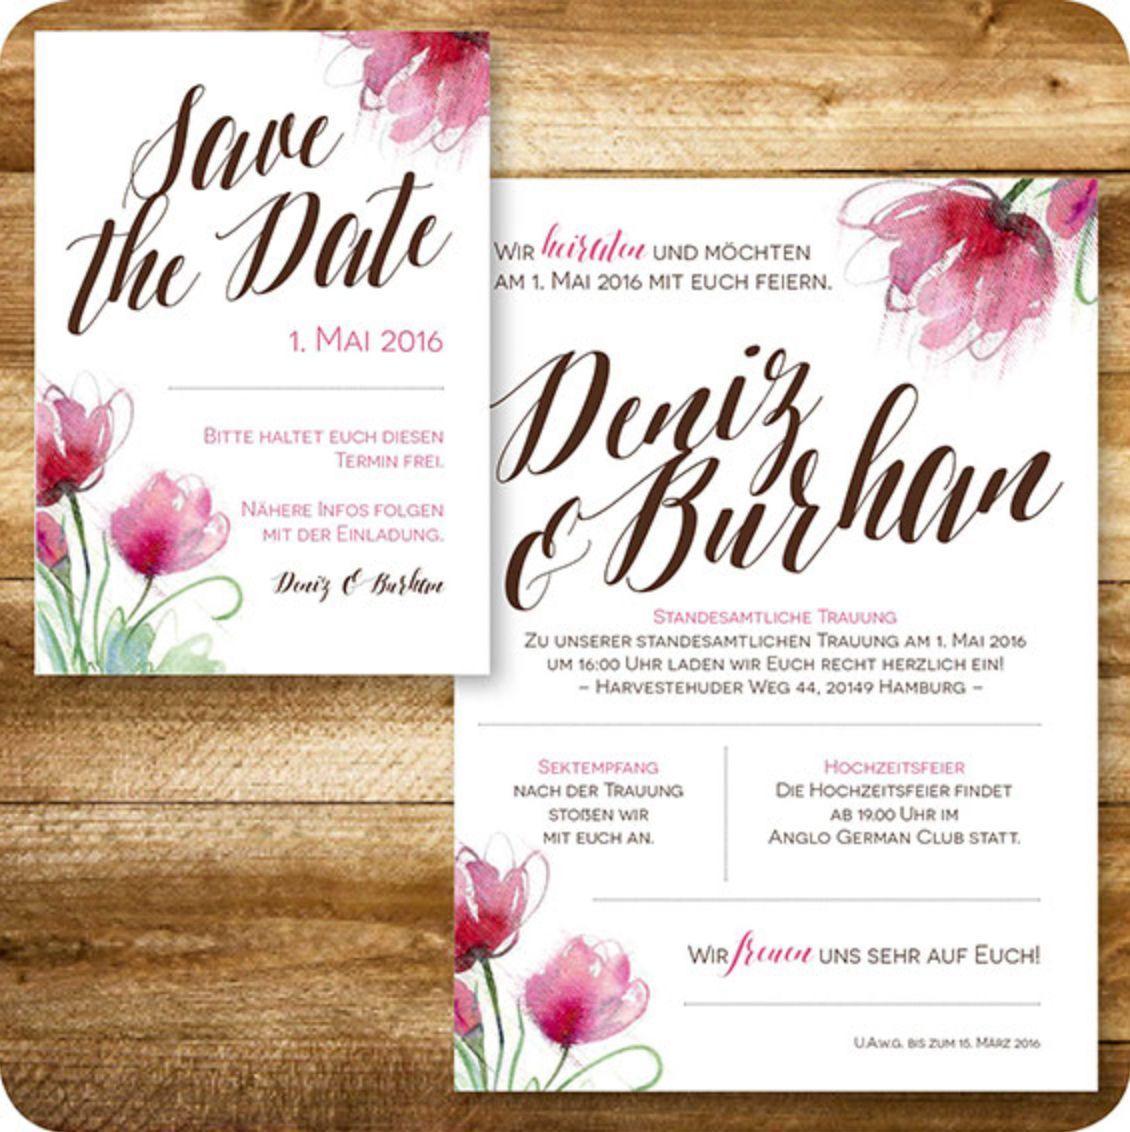 Save The Date Karte, Einladungskarte Für Vintage Hochzeit, Floral,  Individuell Designed By Die